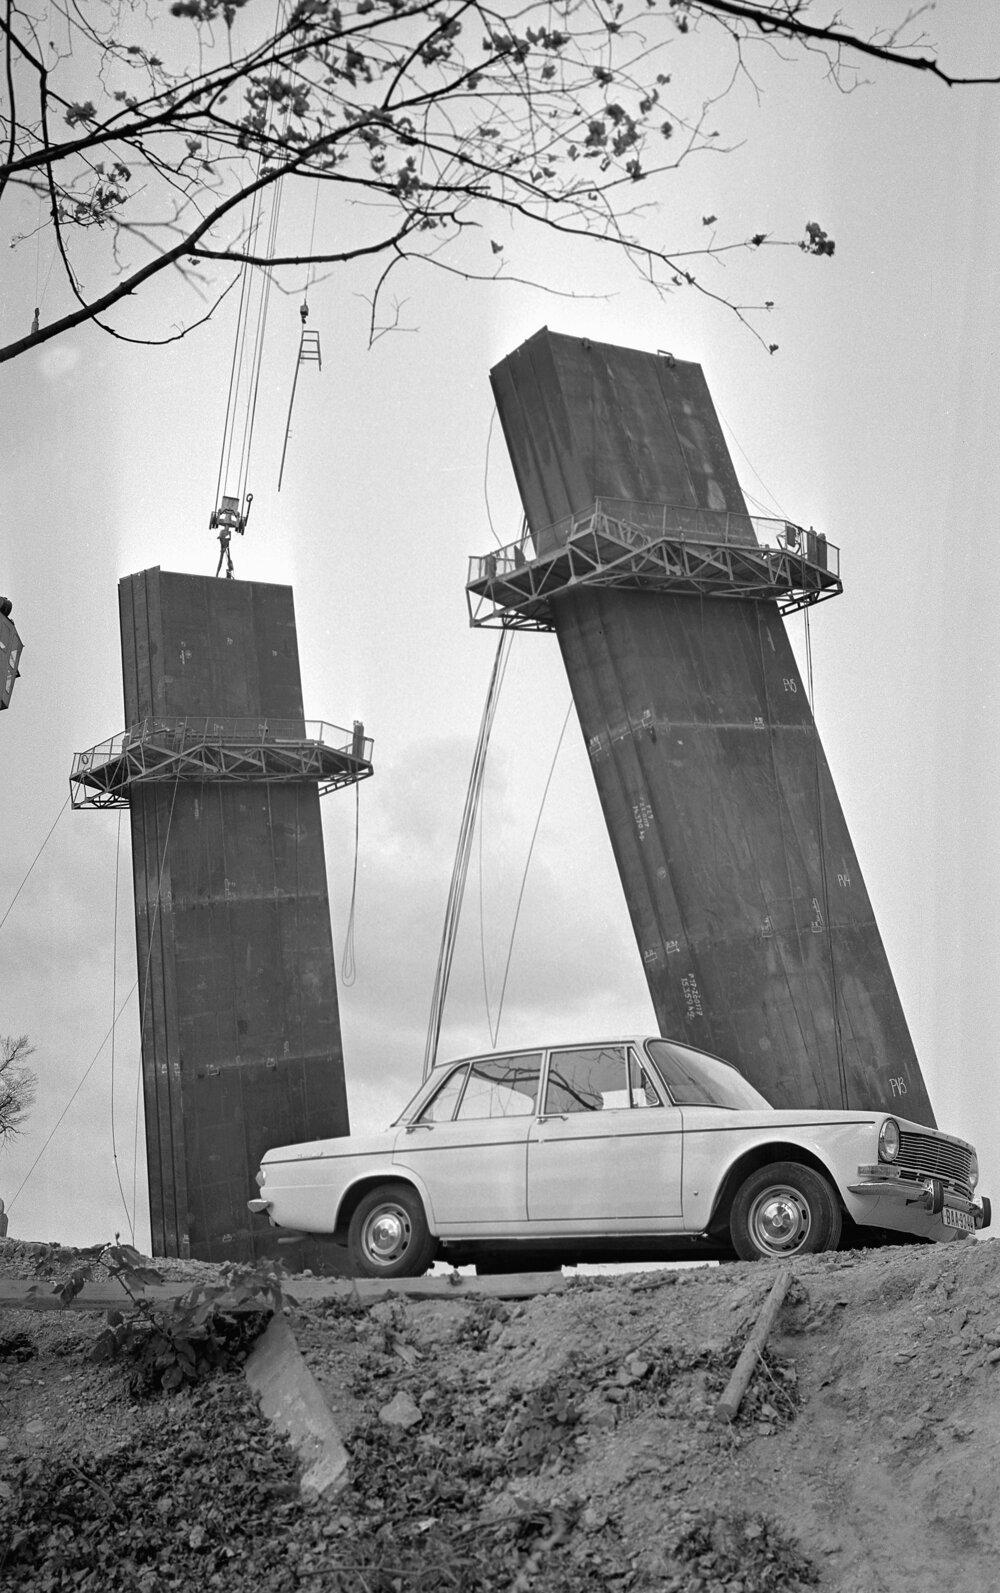 November 1969. Kladenie ťažných 40 tonových lán na oceľový pylón.